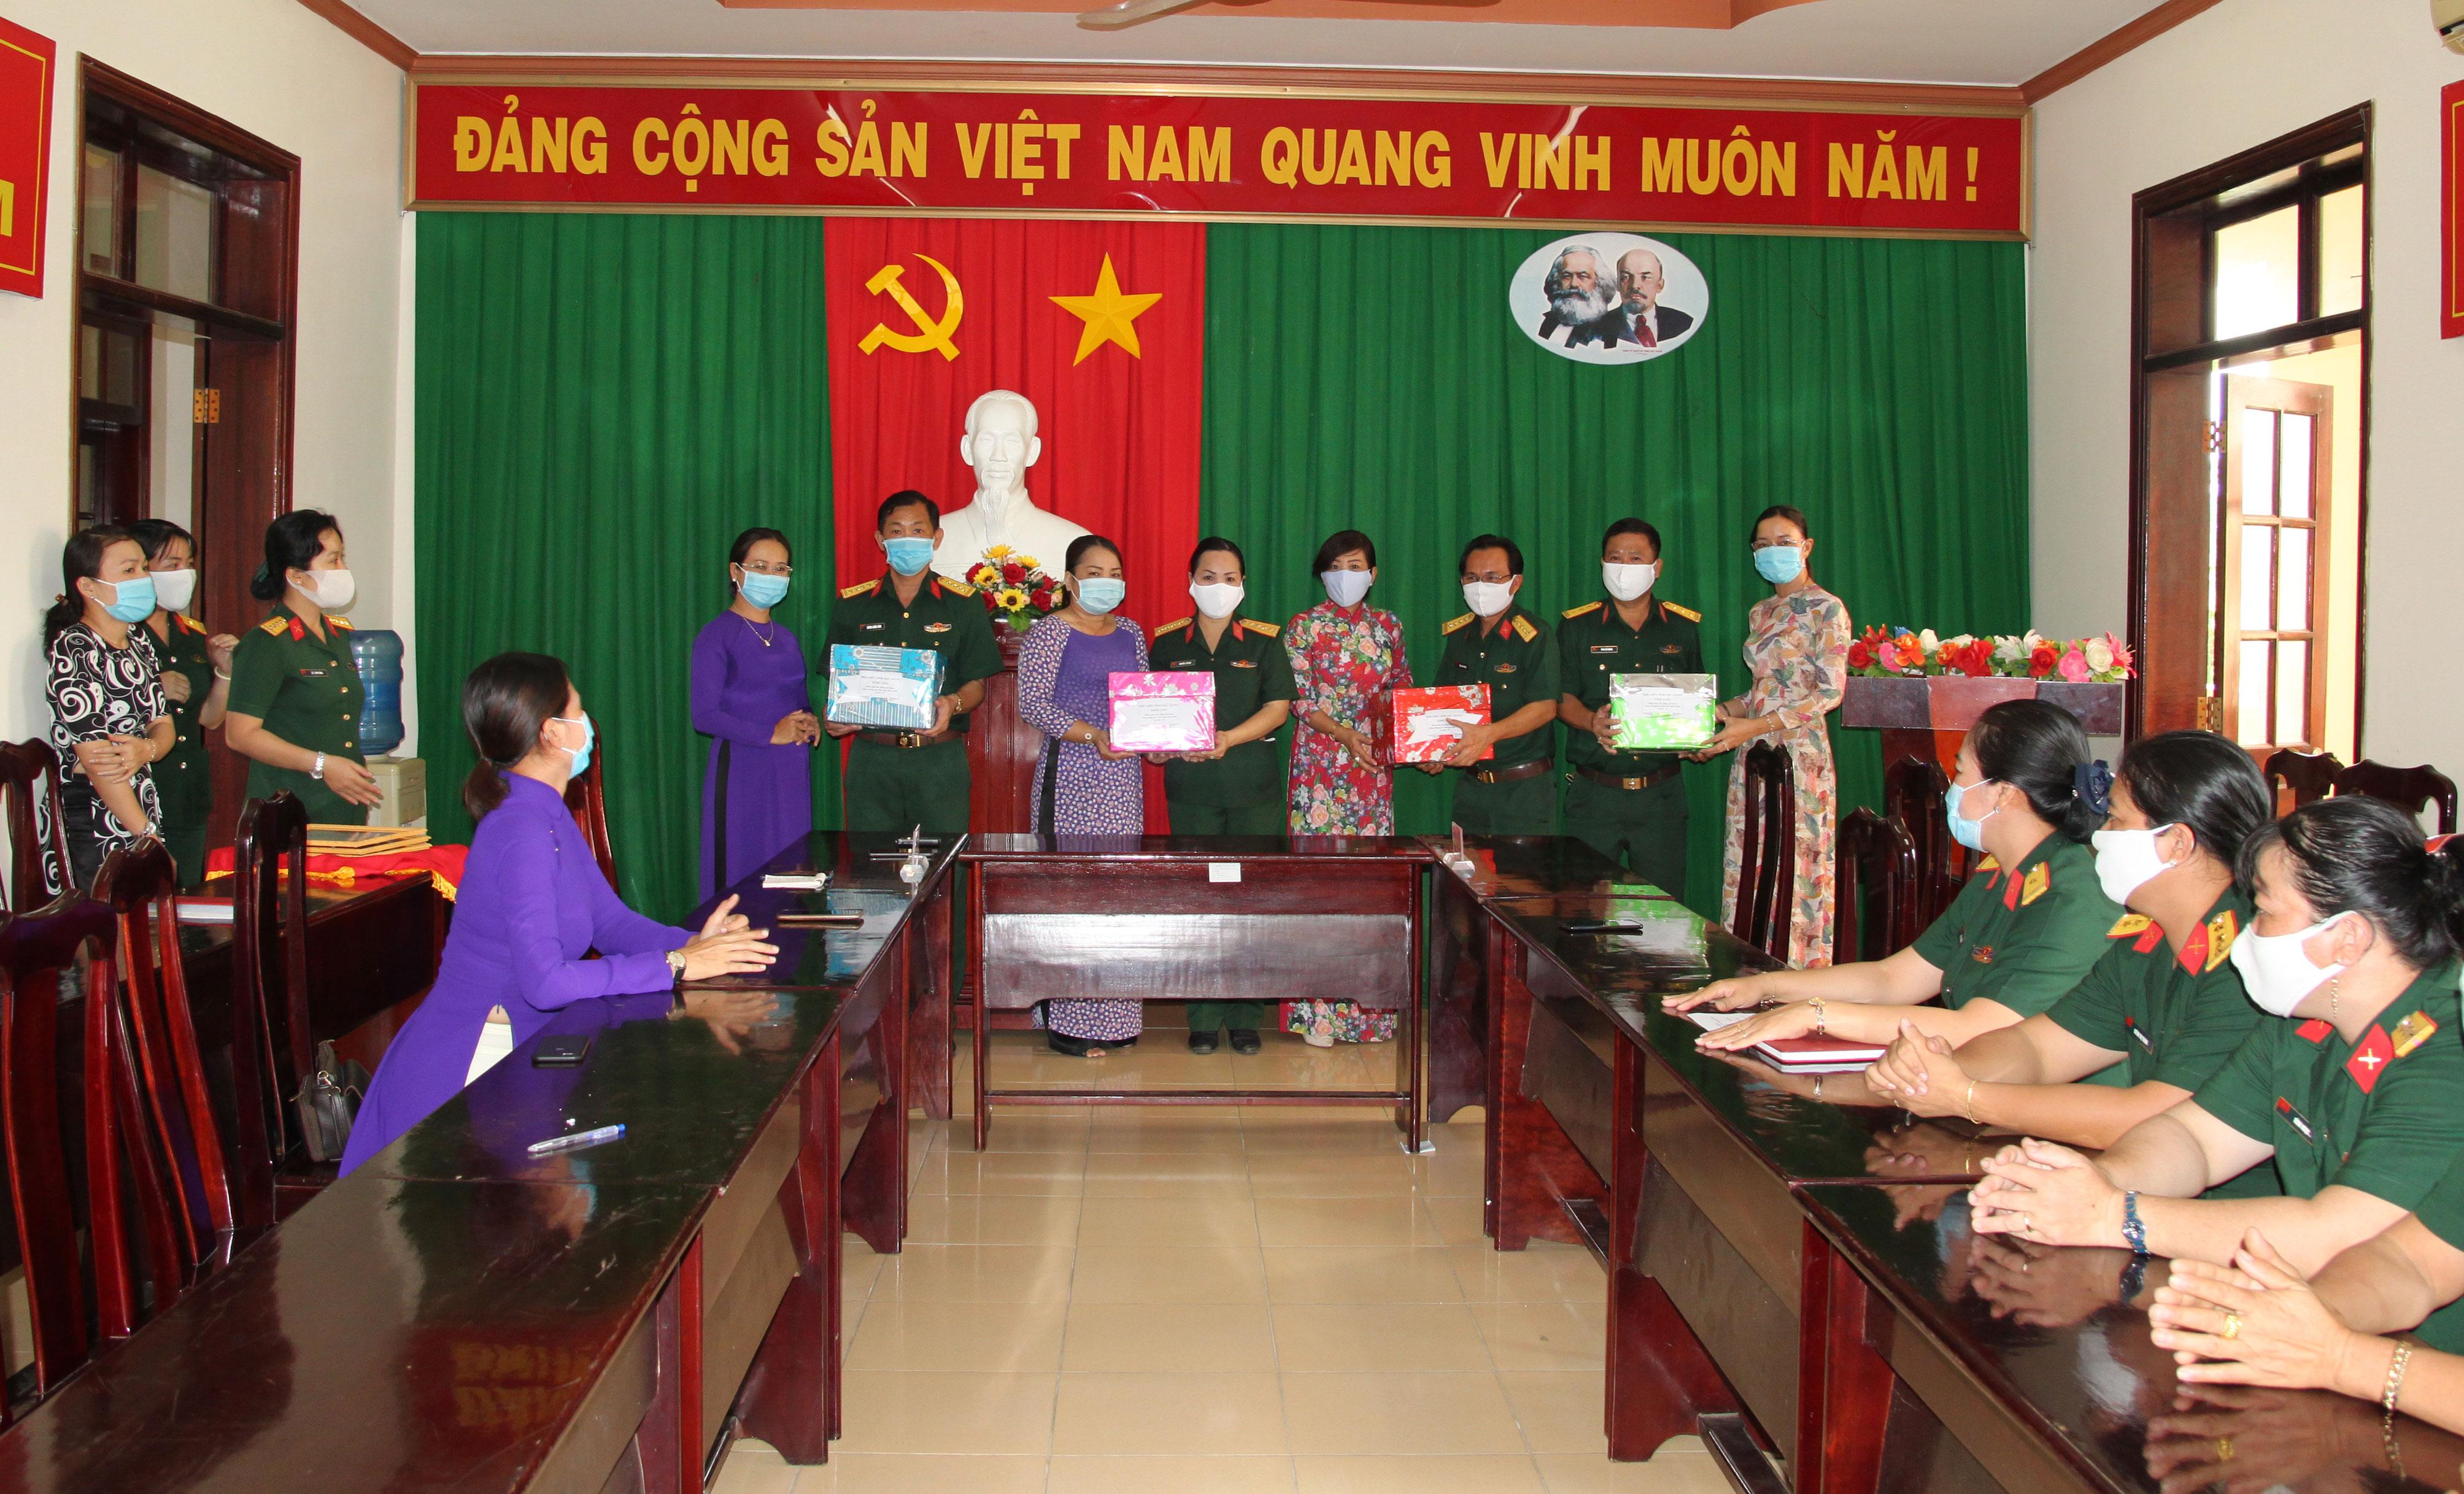 Hậu Giang Phụ nữ lực lượng vũ trang chung tay đẩy lùi dịch bệnh